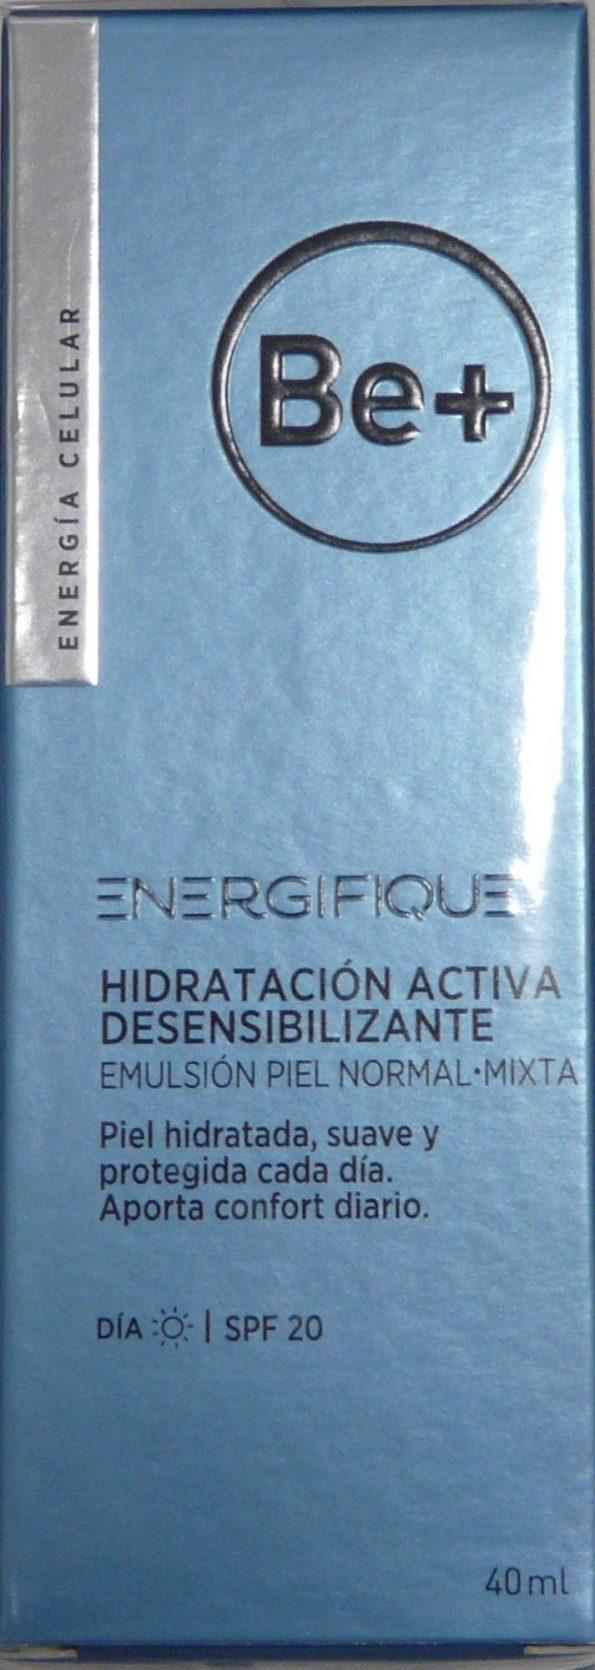 Be+ energifique hidratación activa desensibilizante spf20 piel normal-mixta 40ml 192528